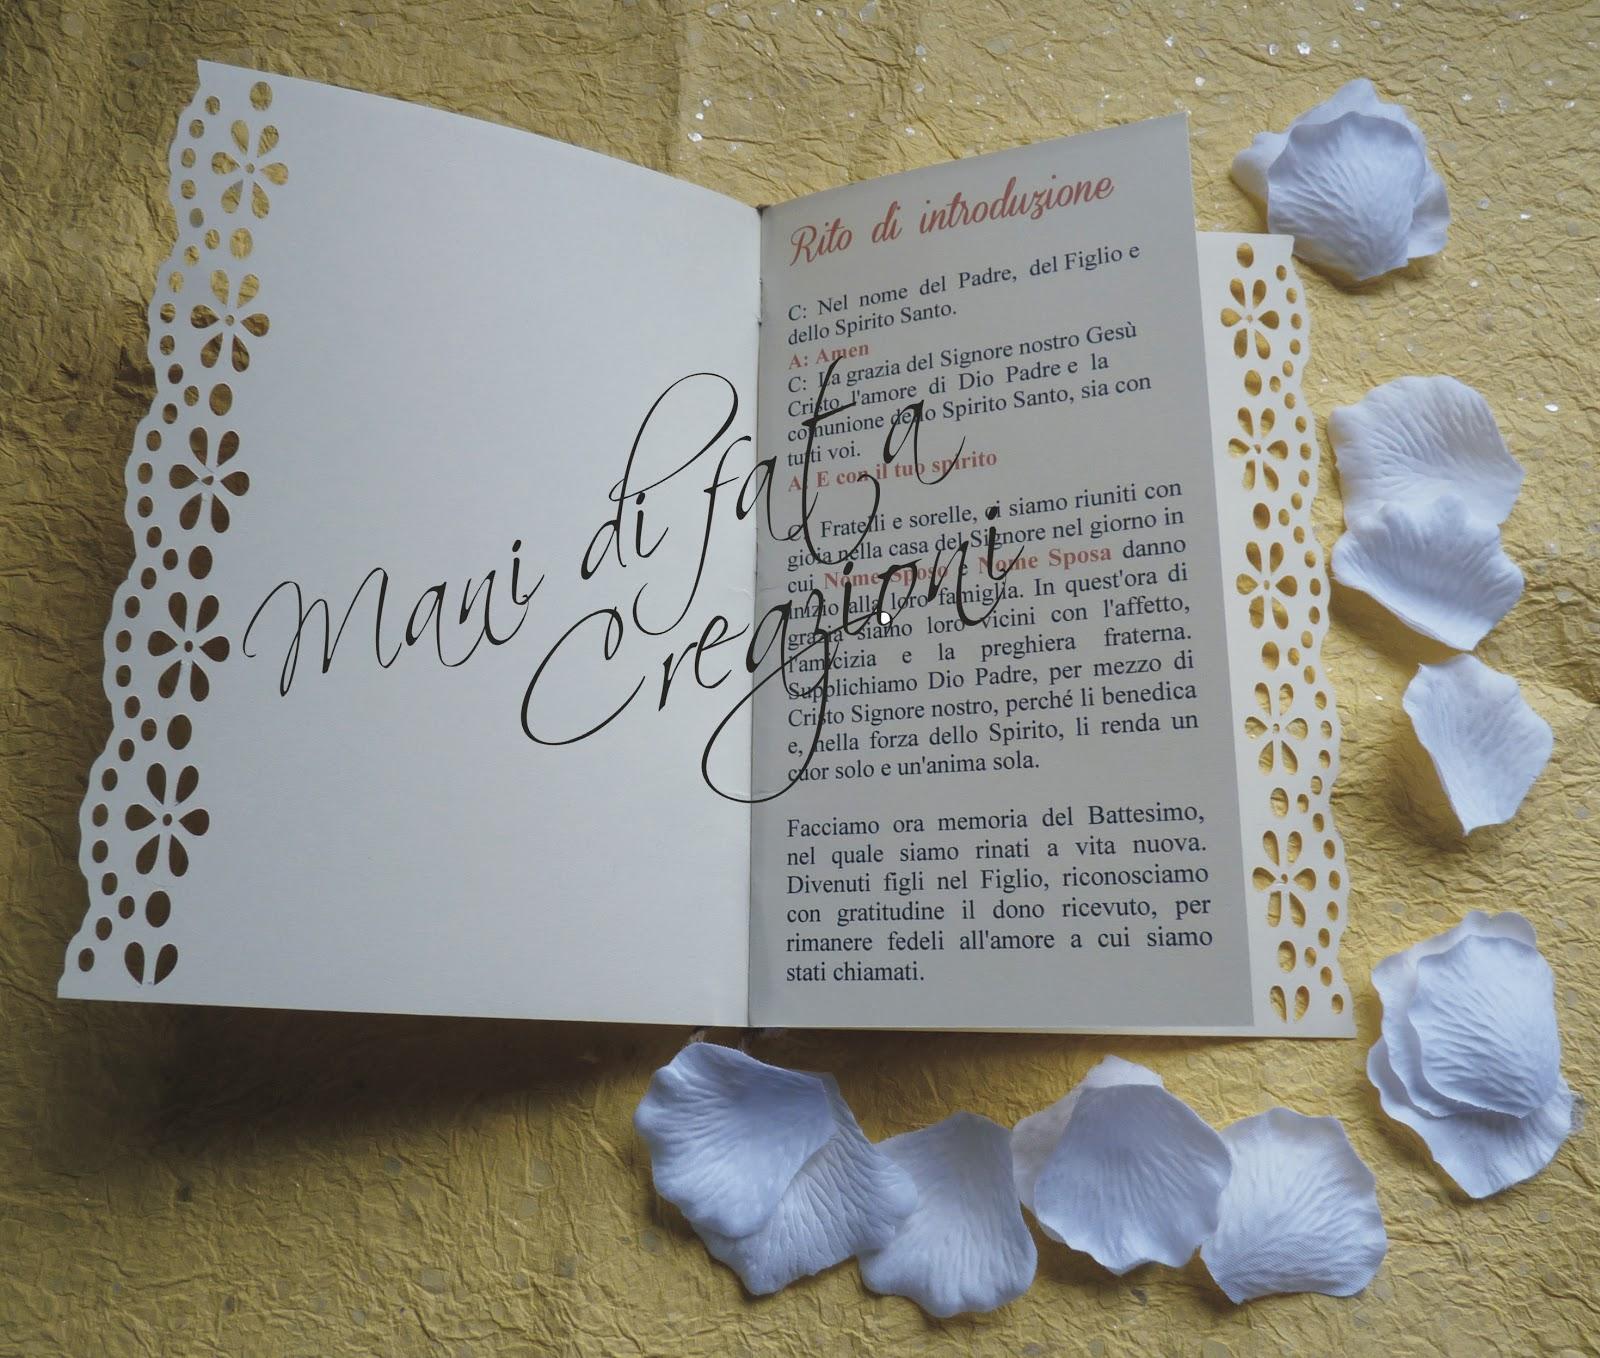 Exceptionnel mani di fata creazioni: Libretto messa - fiori TI18